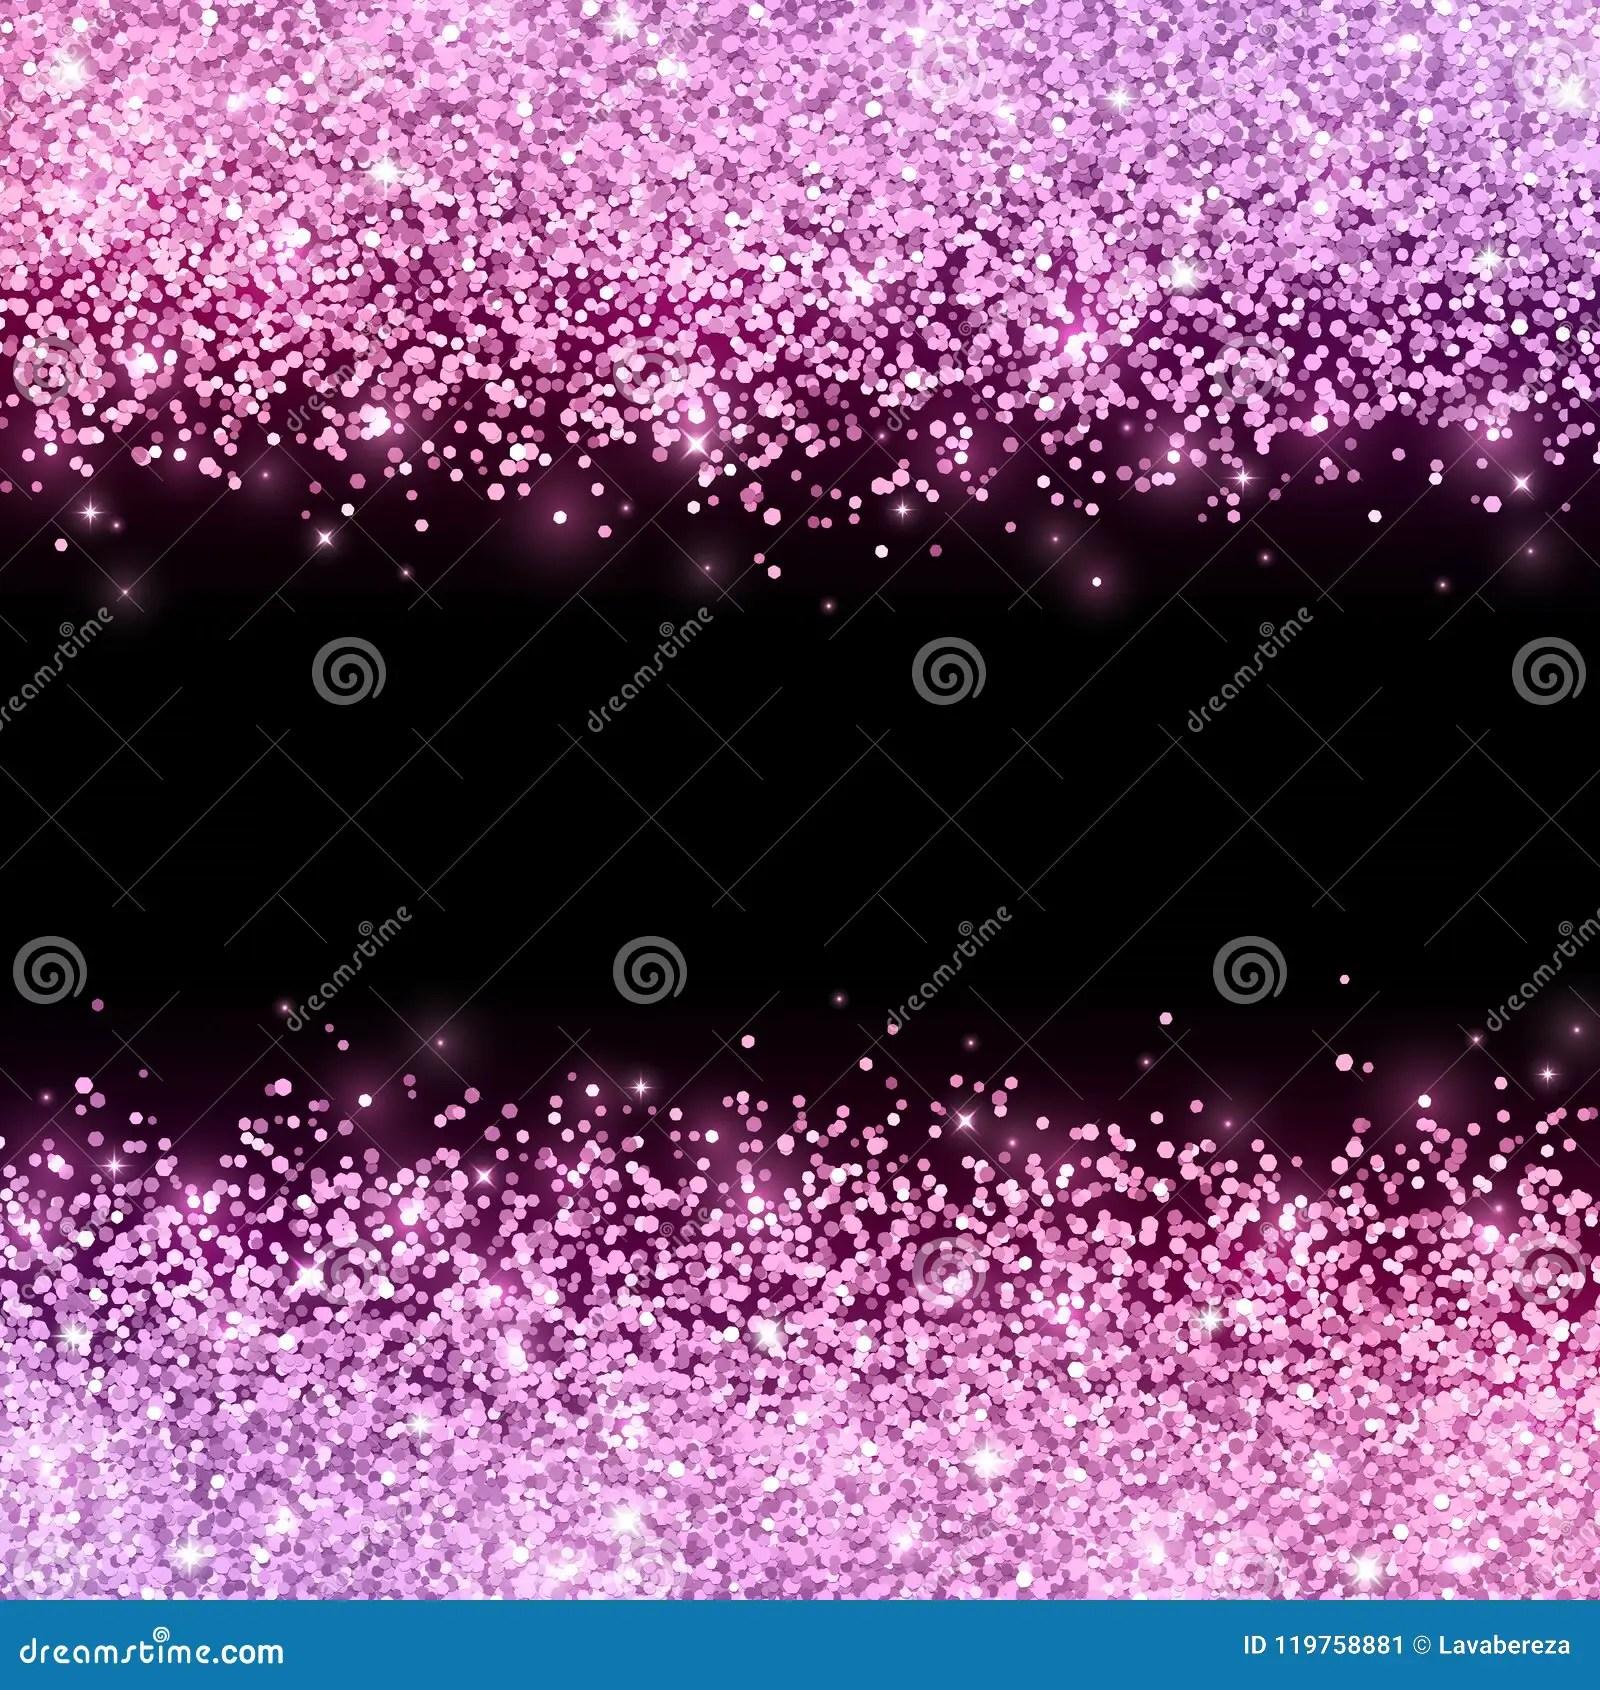 https fr dreamstime com scintillez l effet violet rose couleur fond noir vecteur image119758881